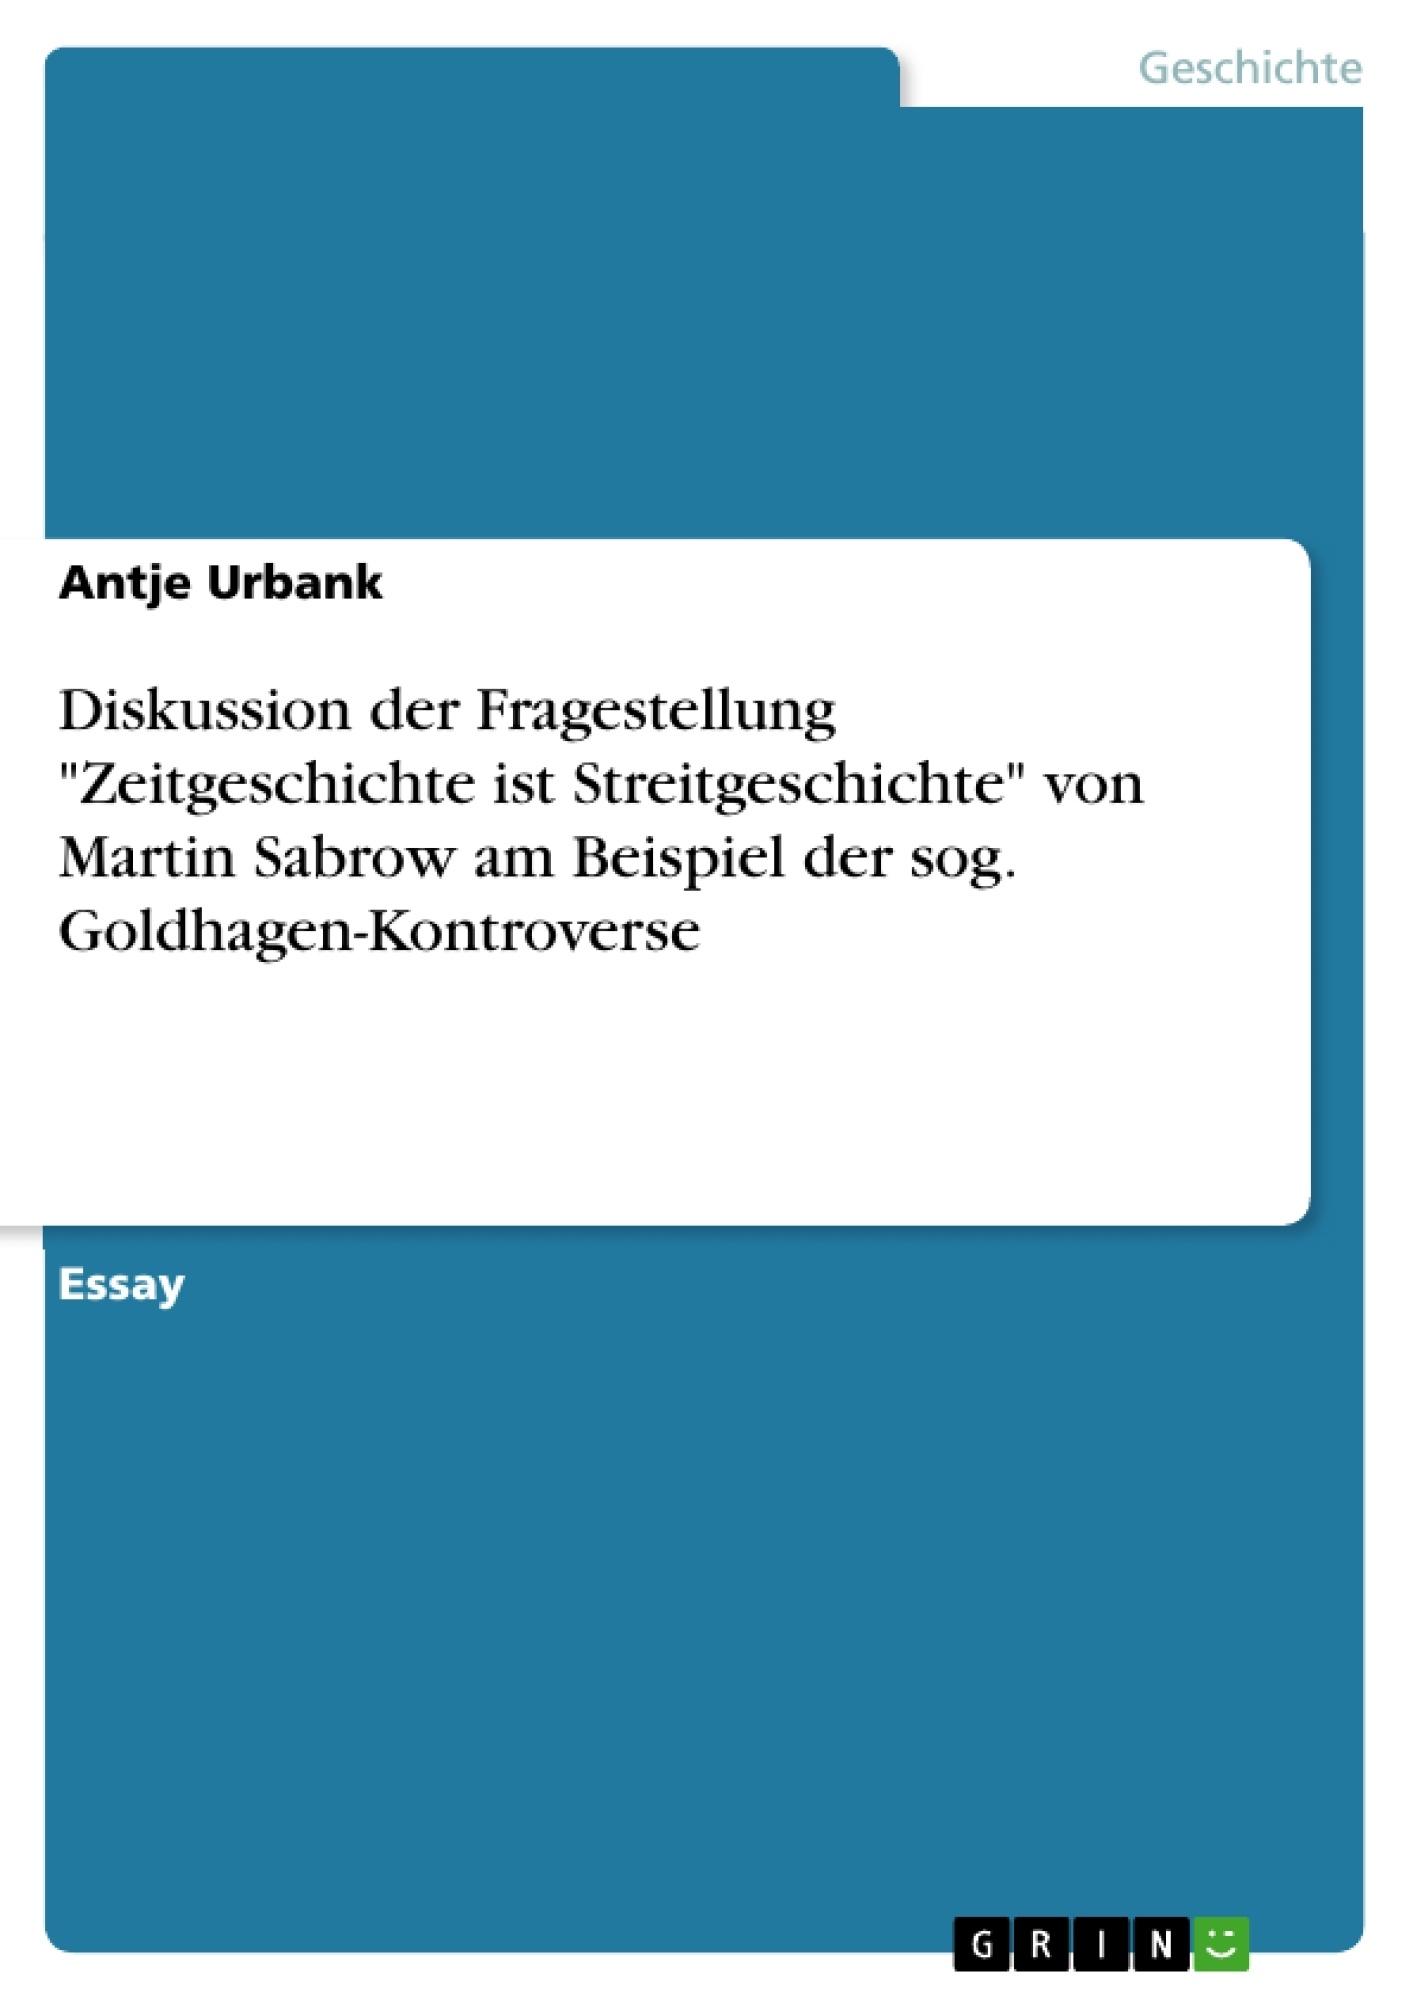 """Titel: Diskussion der Fragestellung """"Zeitgeschichte ist Streitgeschichte"""" von Martin Sabrow am Beispiel der sog. Goldhagen-Kontroverse"""